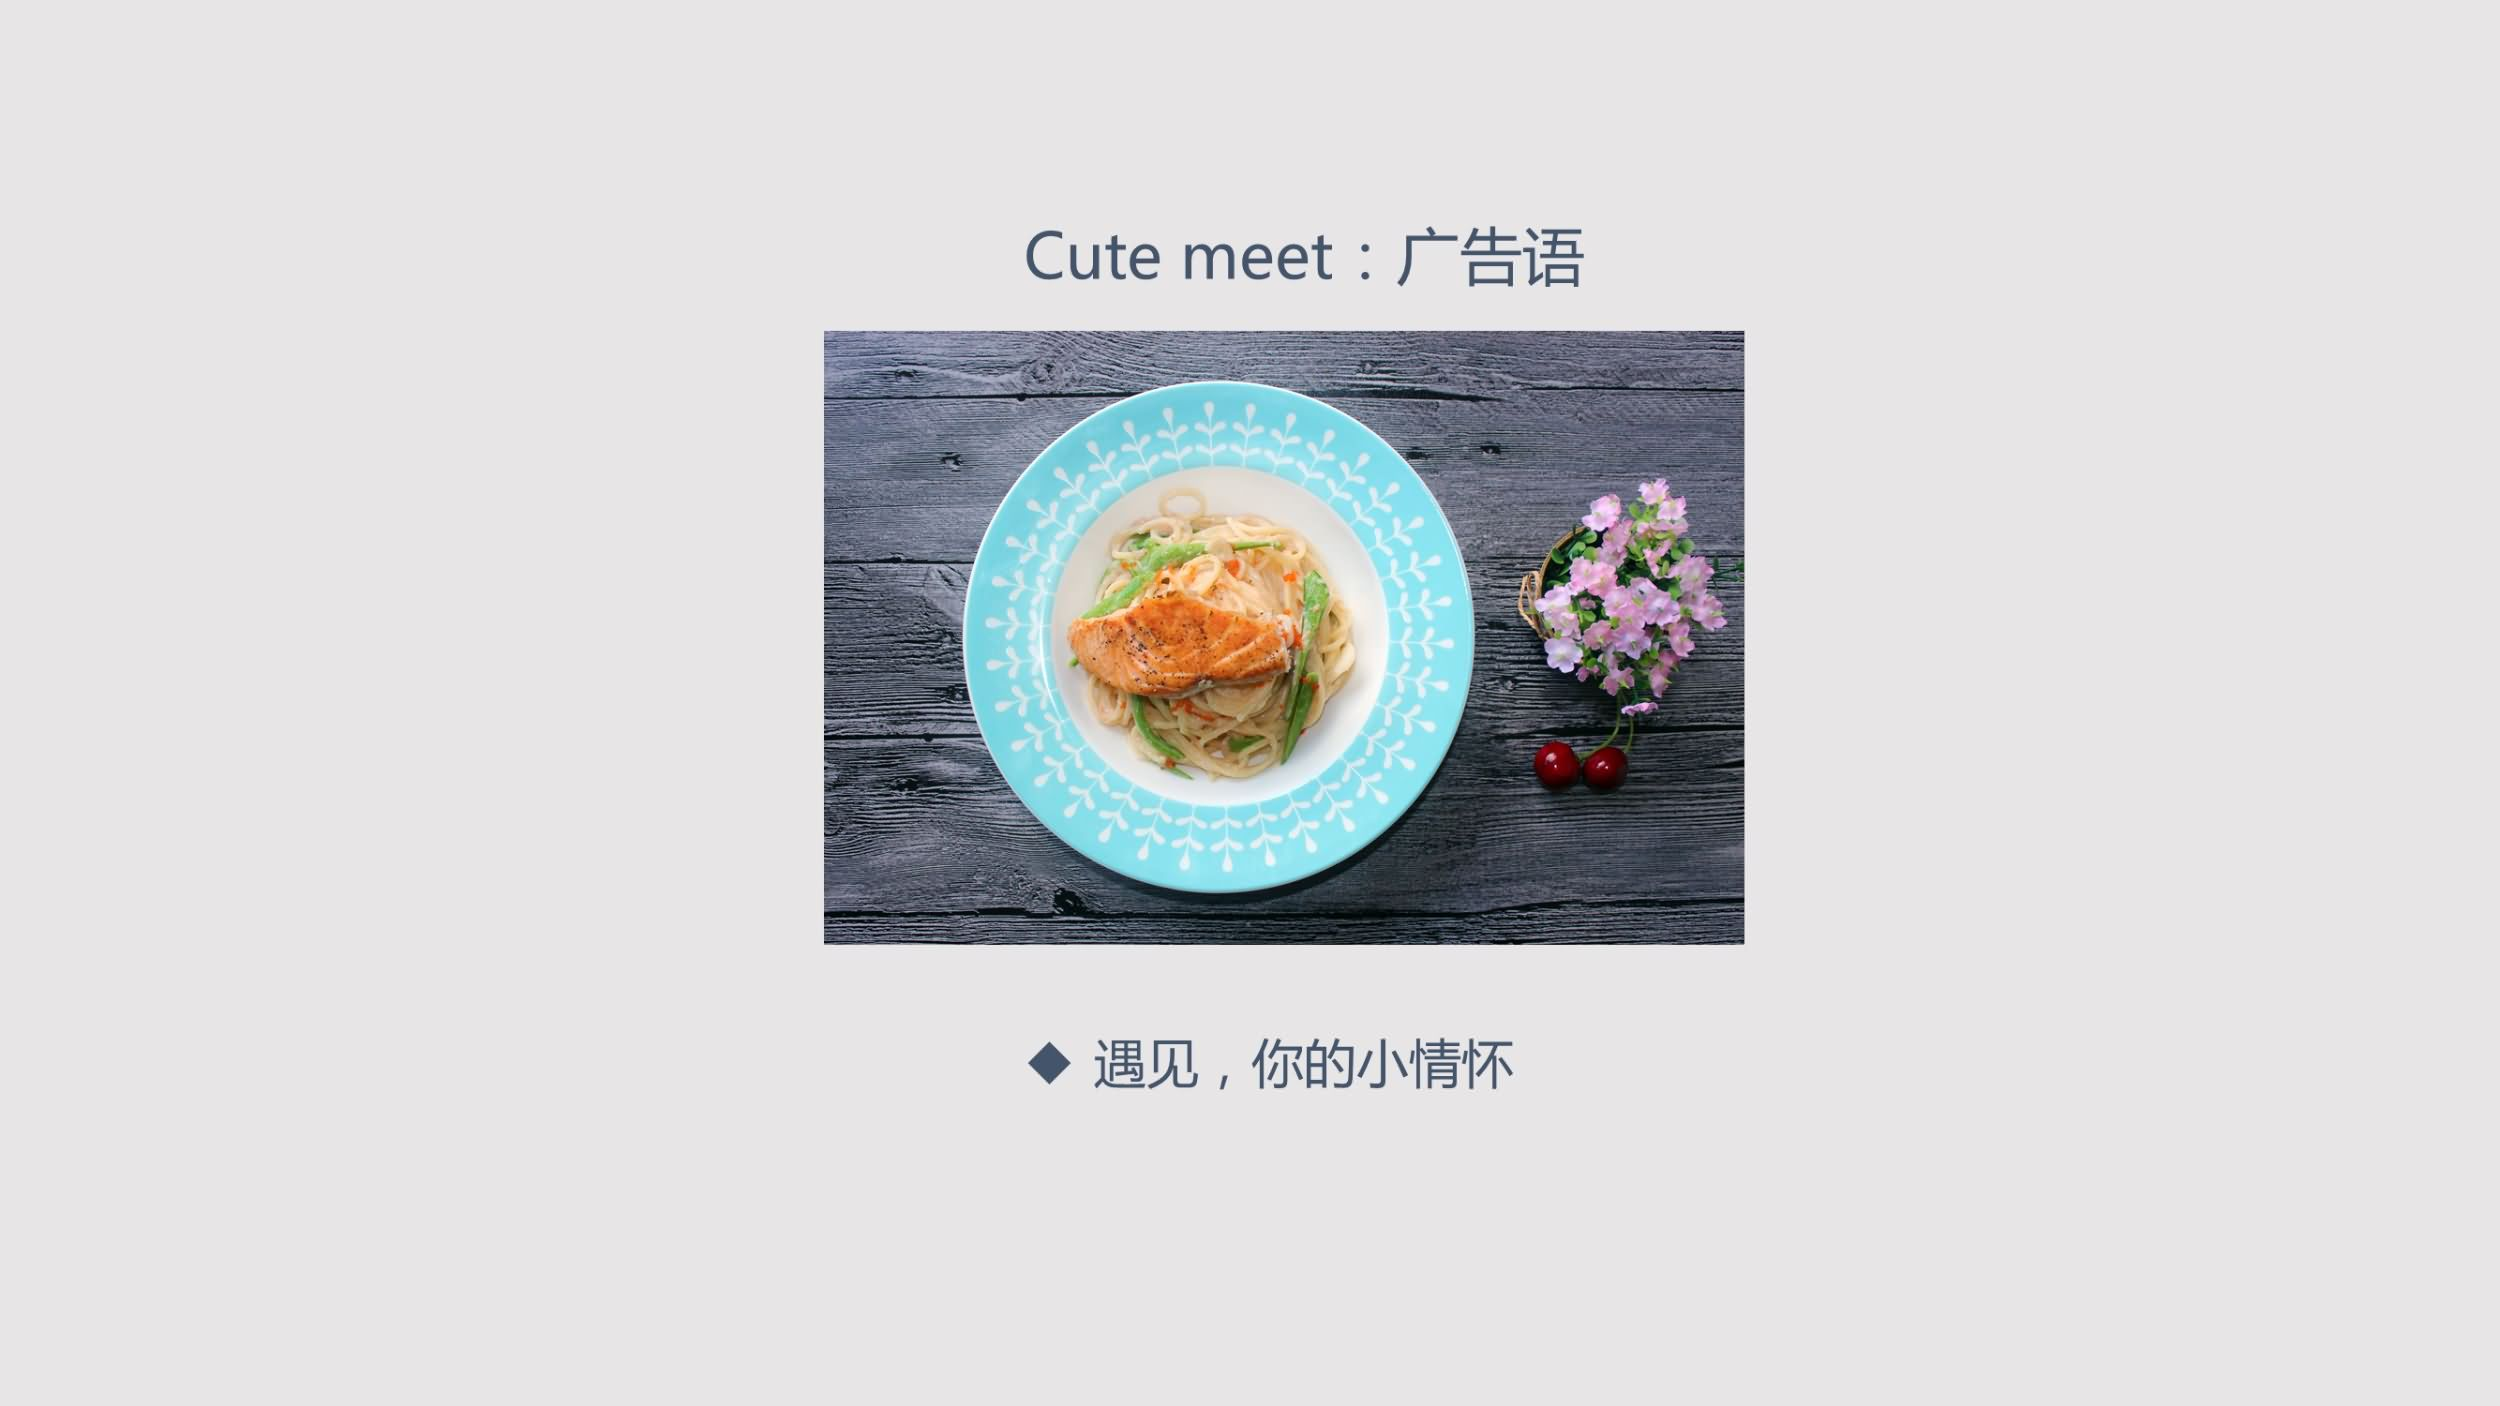 香港樂源餐飲集團有限公司13